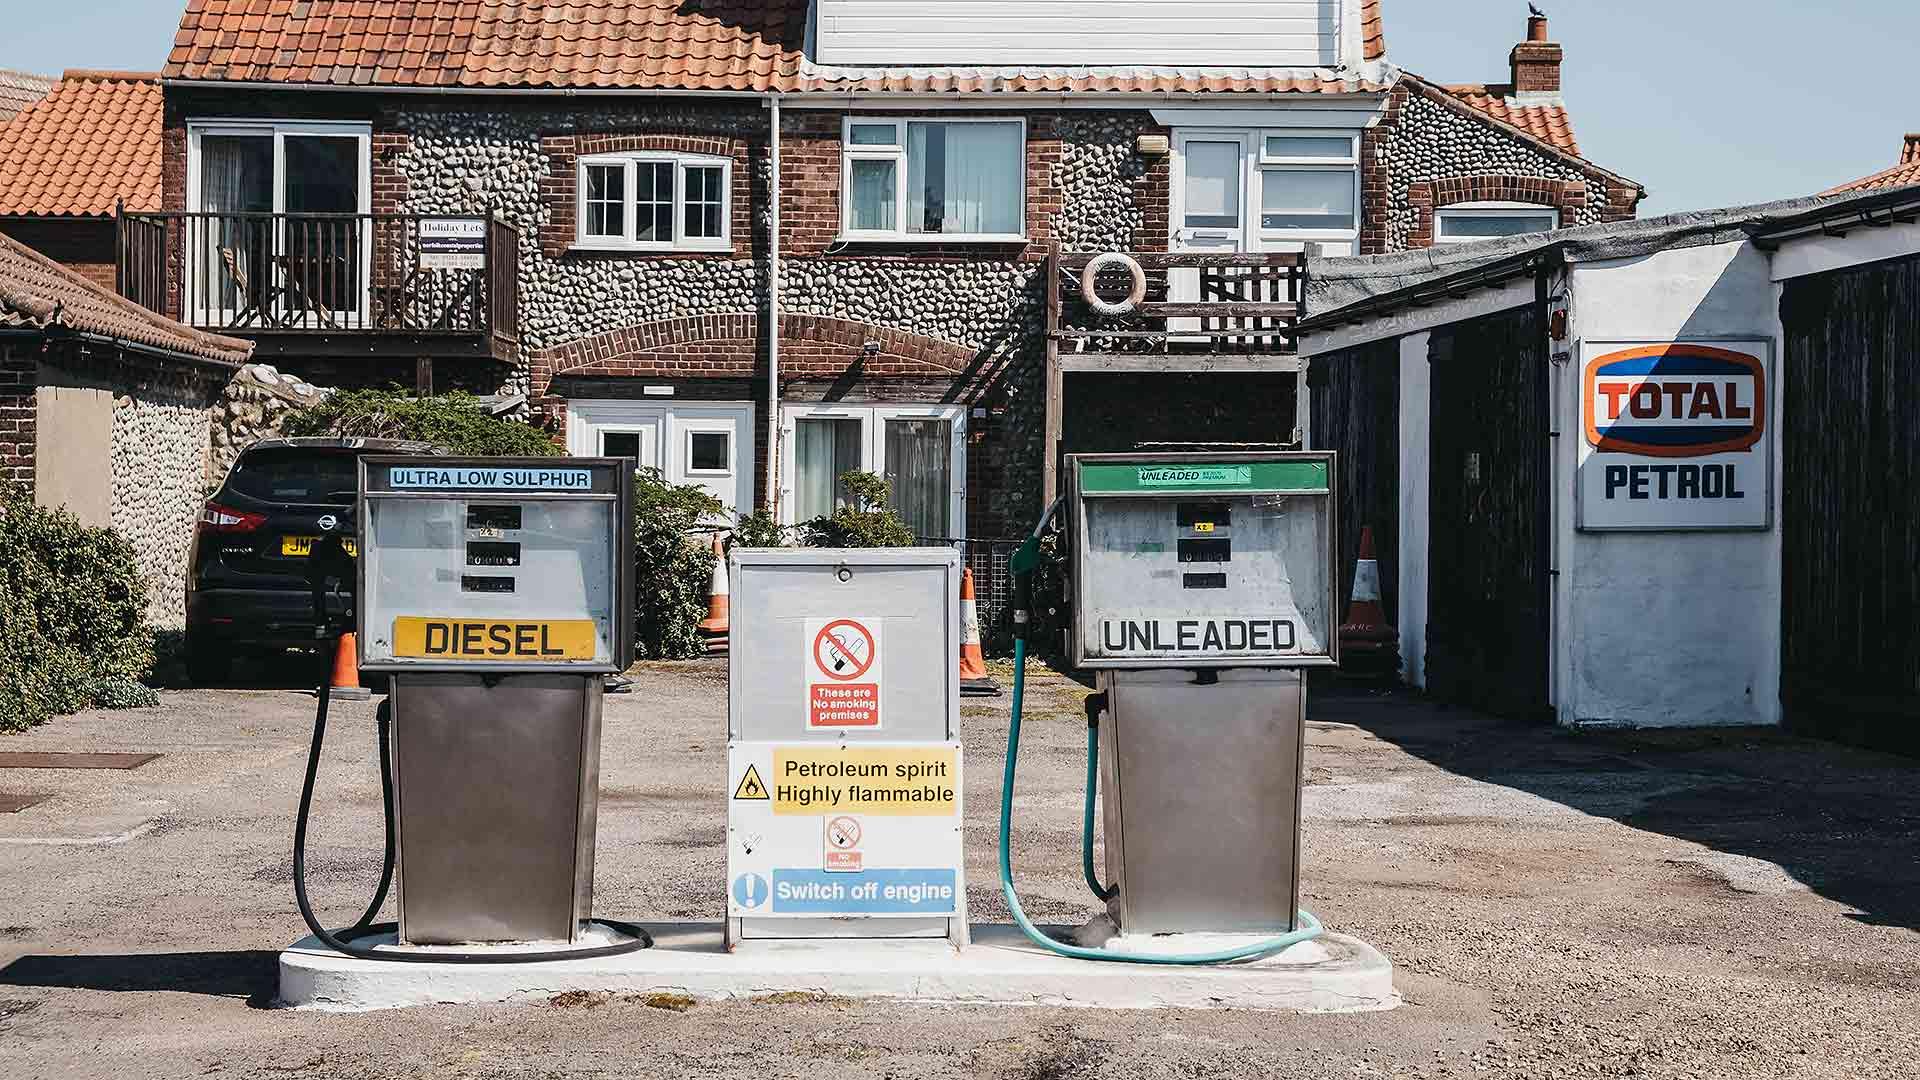 Rural filling station